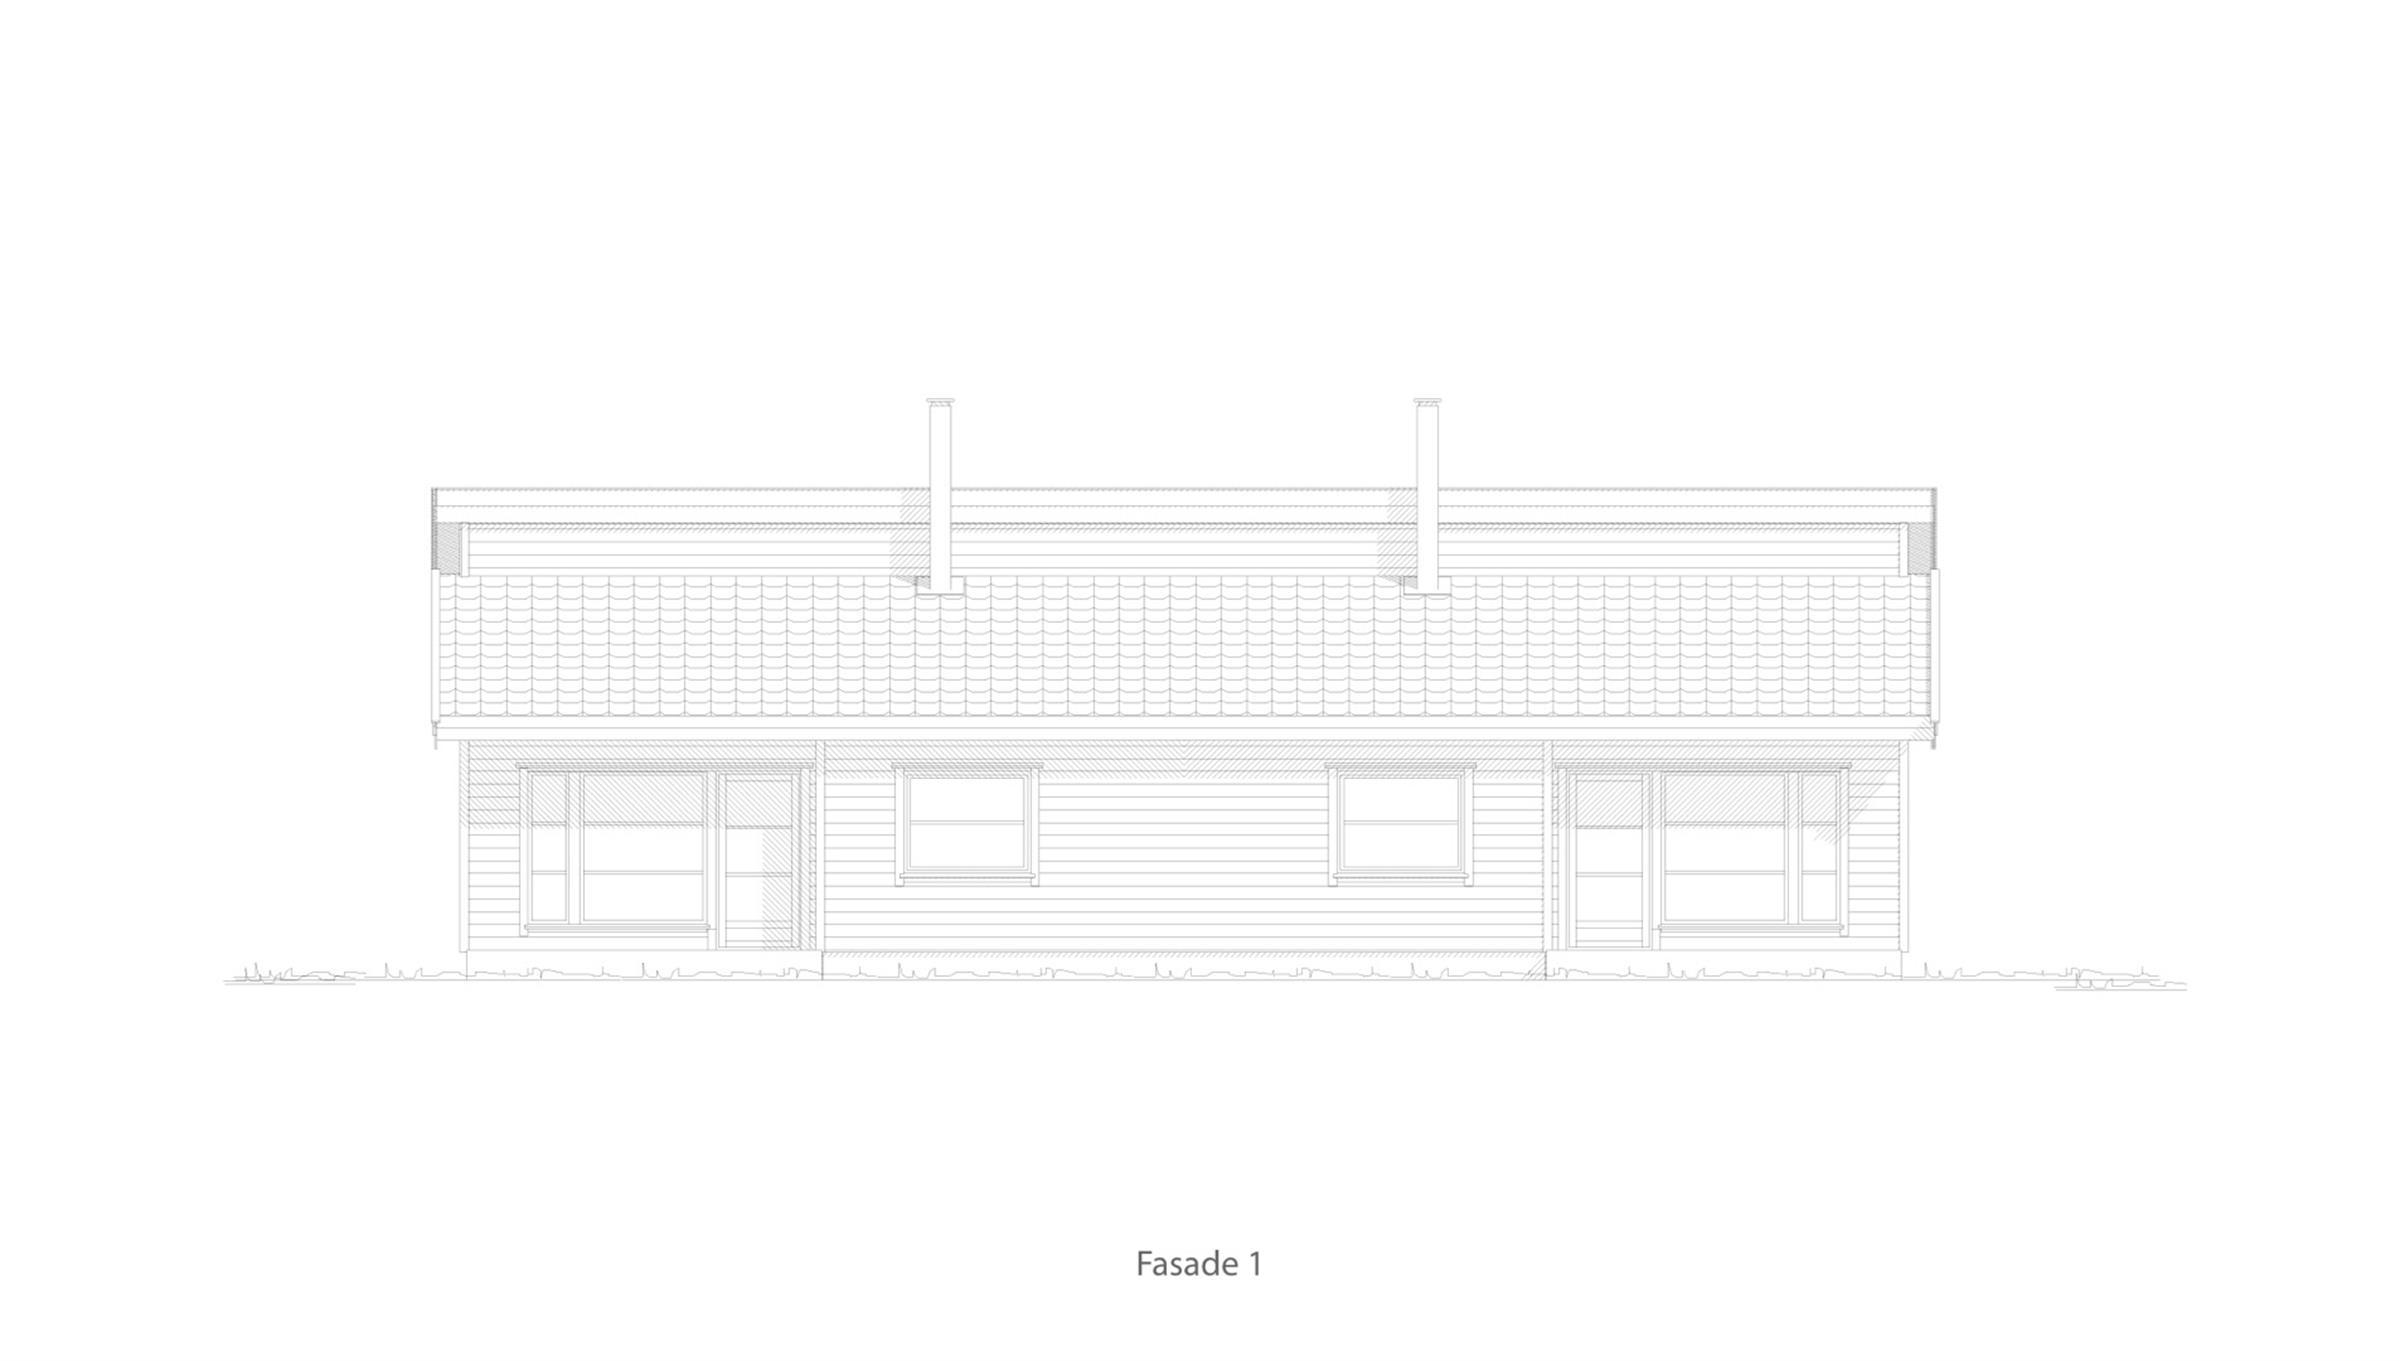 Larvik fasade 1